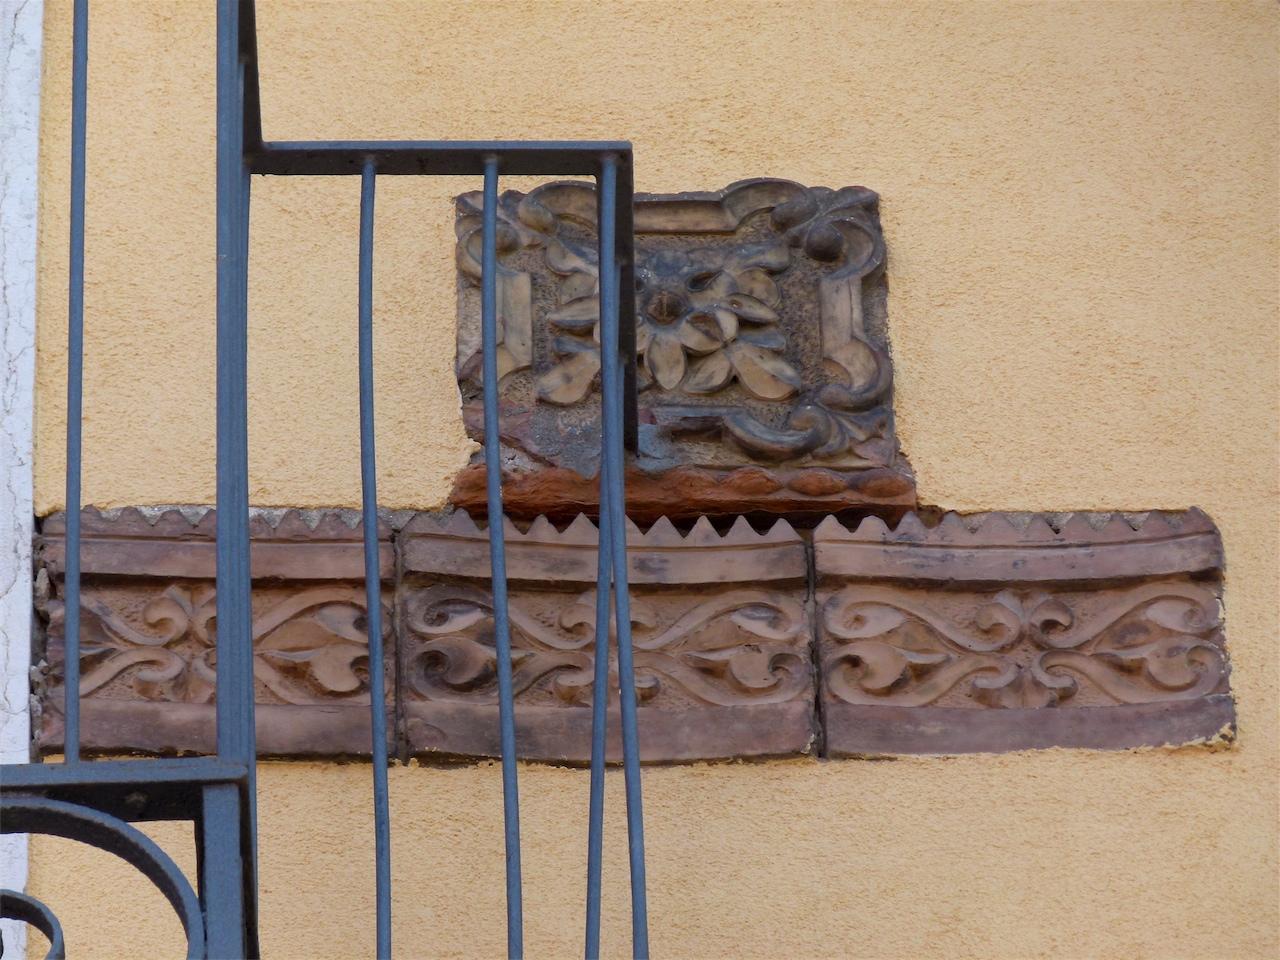 motivo decorativo geometrico e vegetale (decorazione plastico-architettonica, frammento) - produzione veneziana (sec. XV)